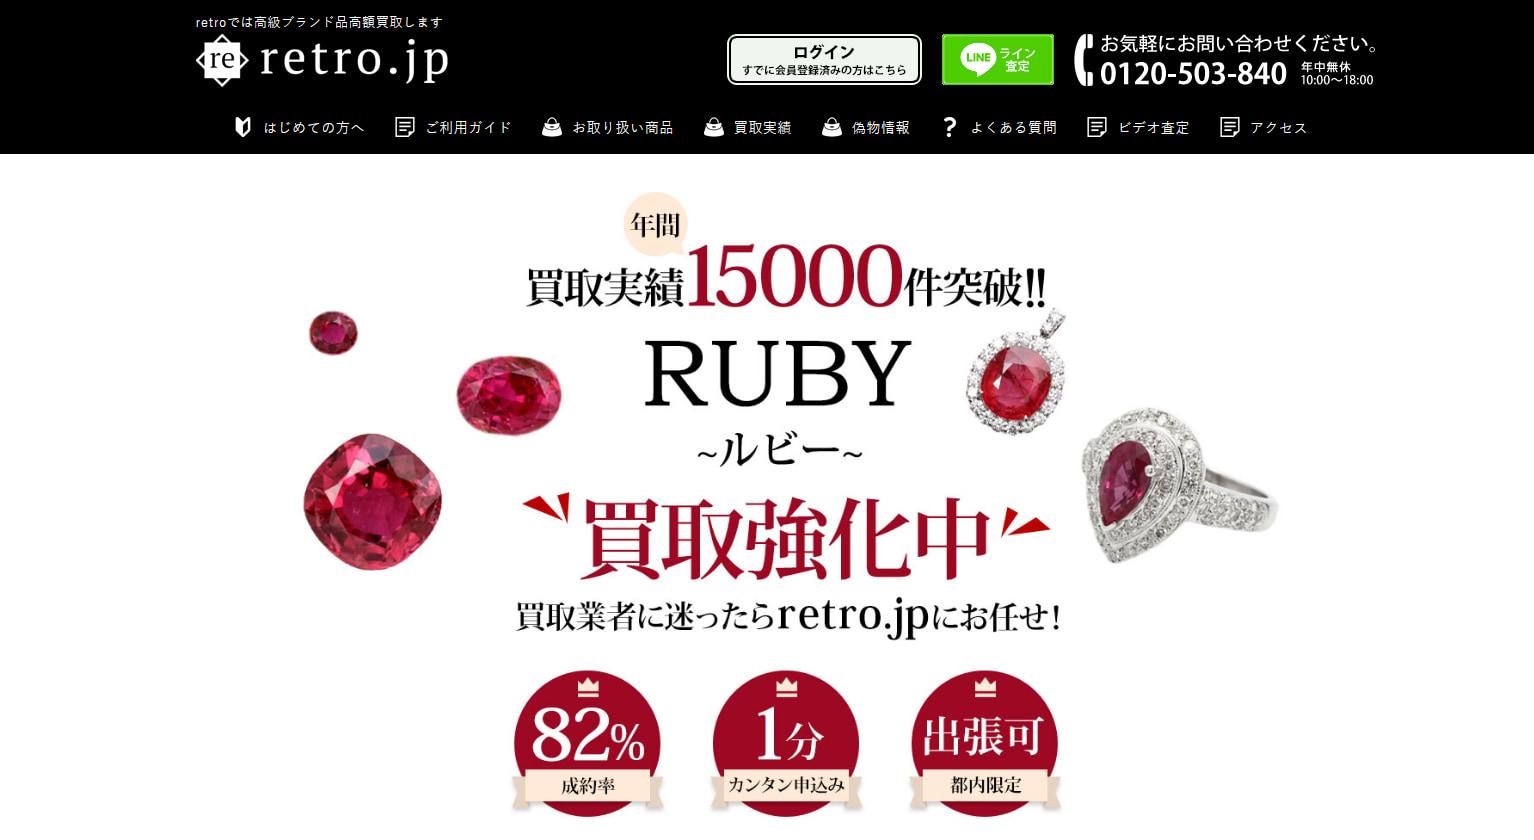 ルビー買取おすすめ業者retro.jp